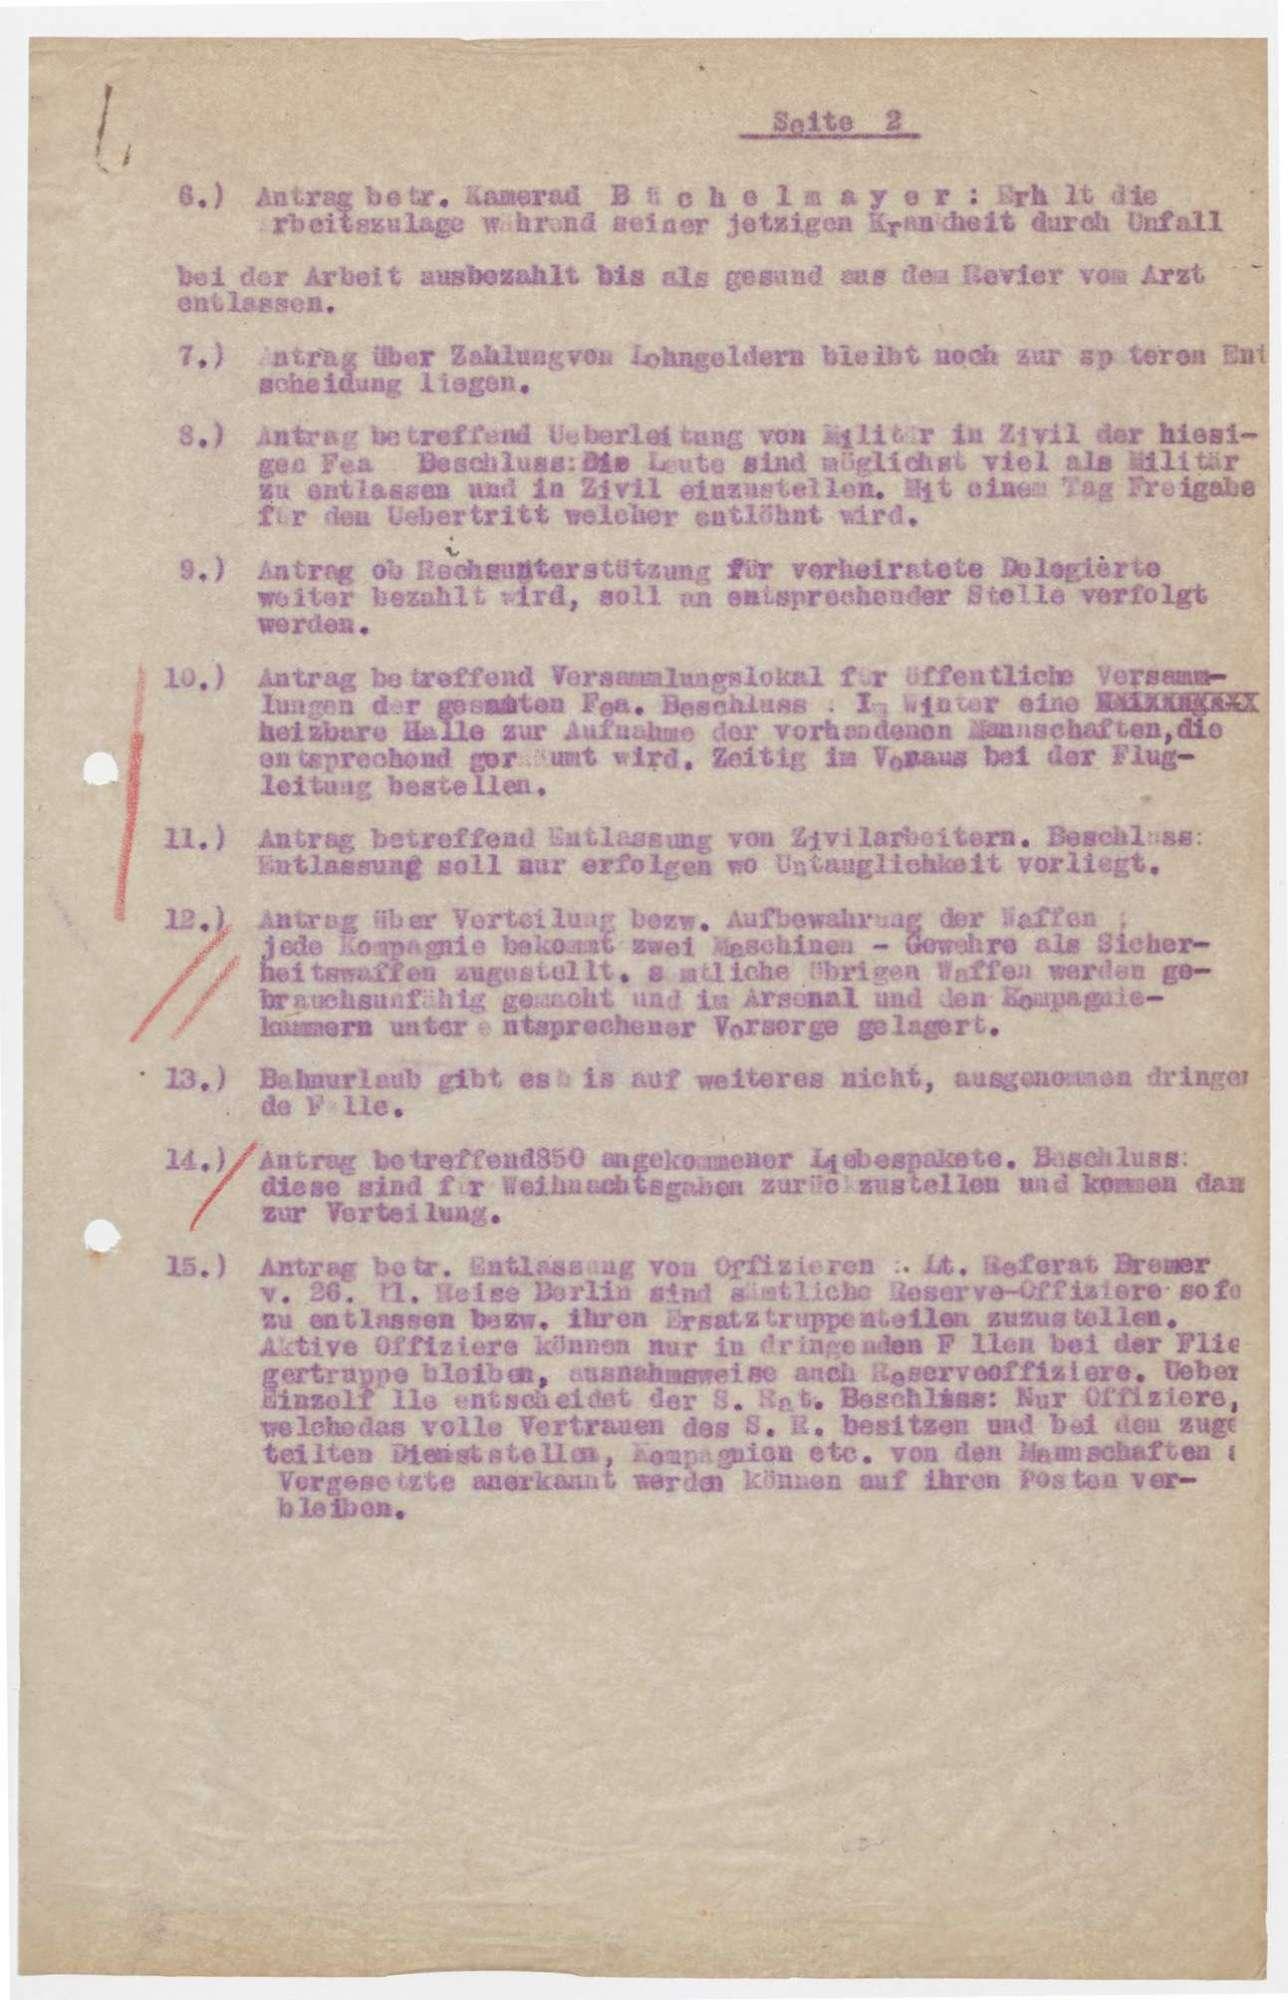 Sitzungsberichte des Soldatenrats der Flieger-Ersatz-Abteilung 10, Bild 3